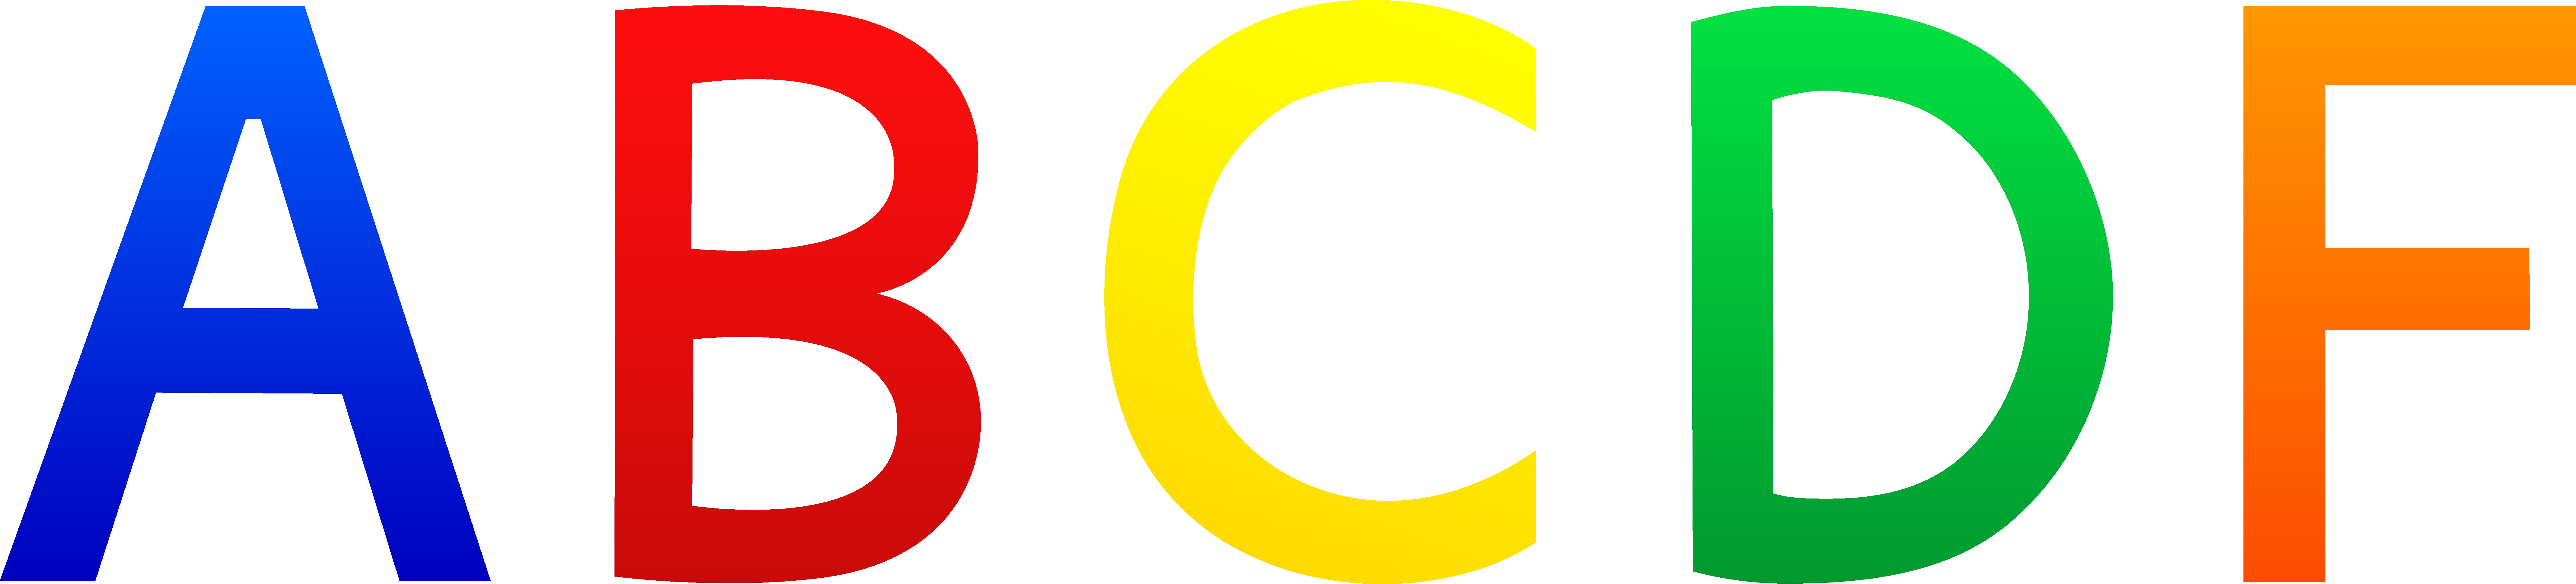 Clipart children alphabet. Clip art letters free